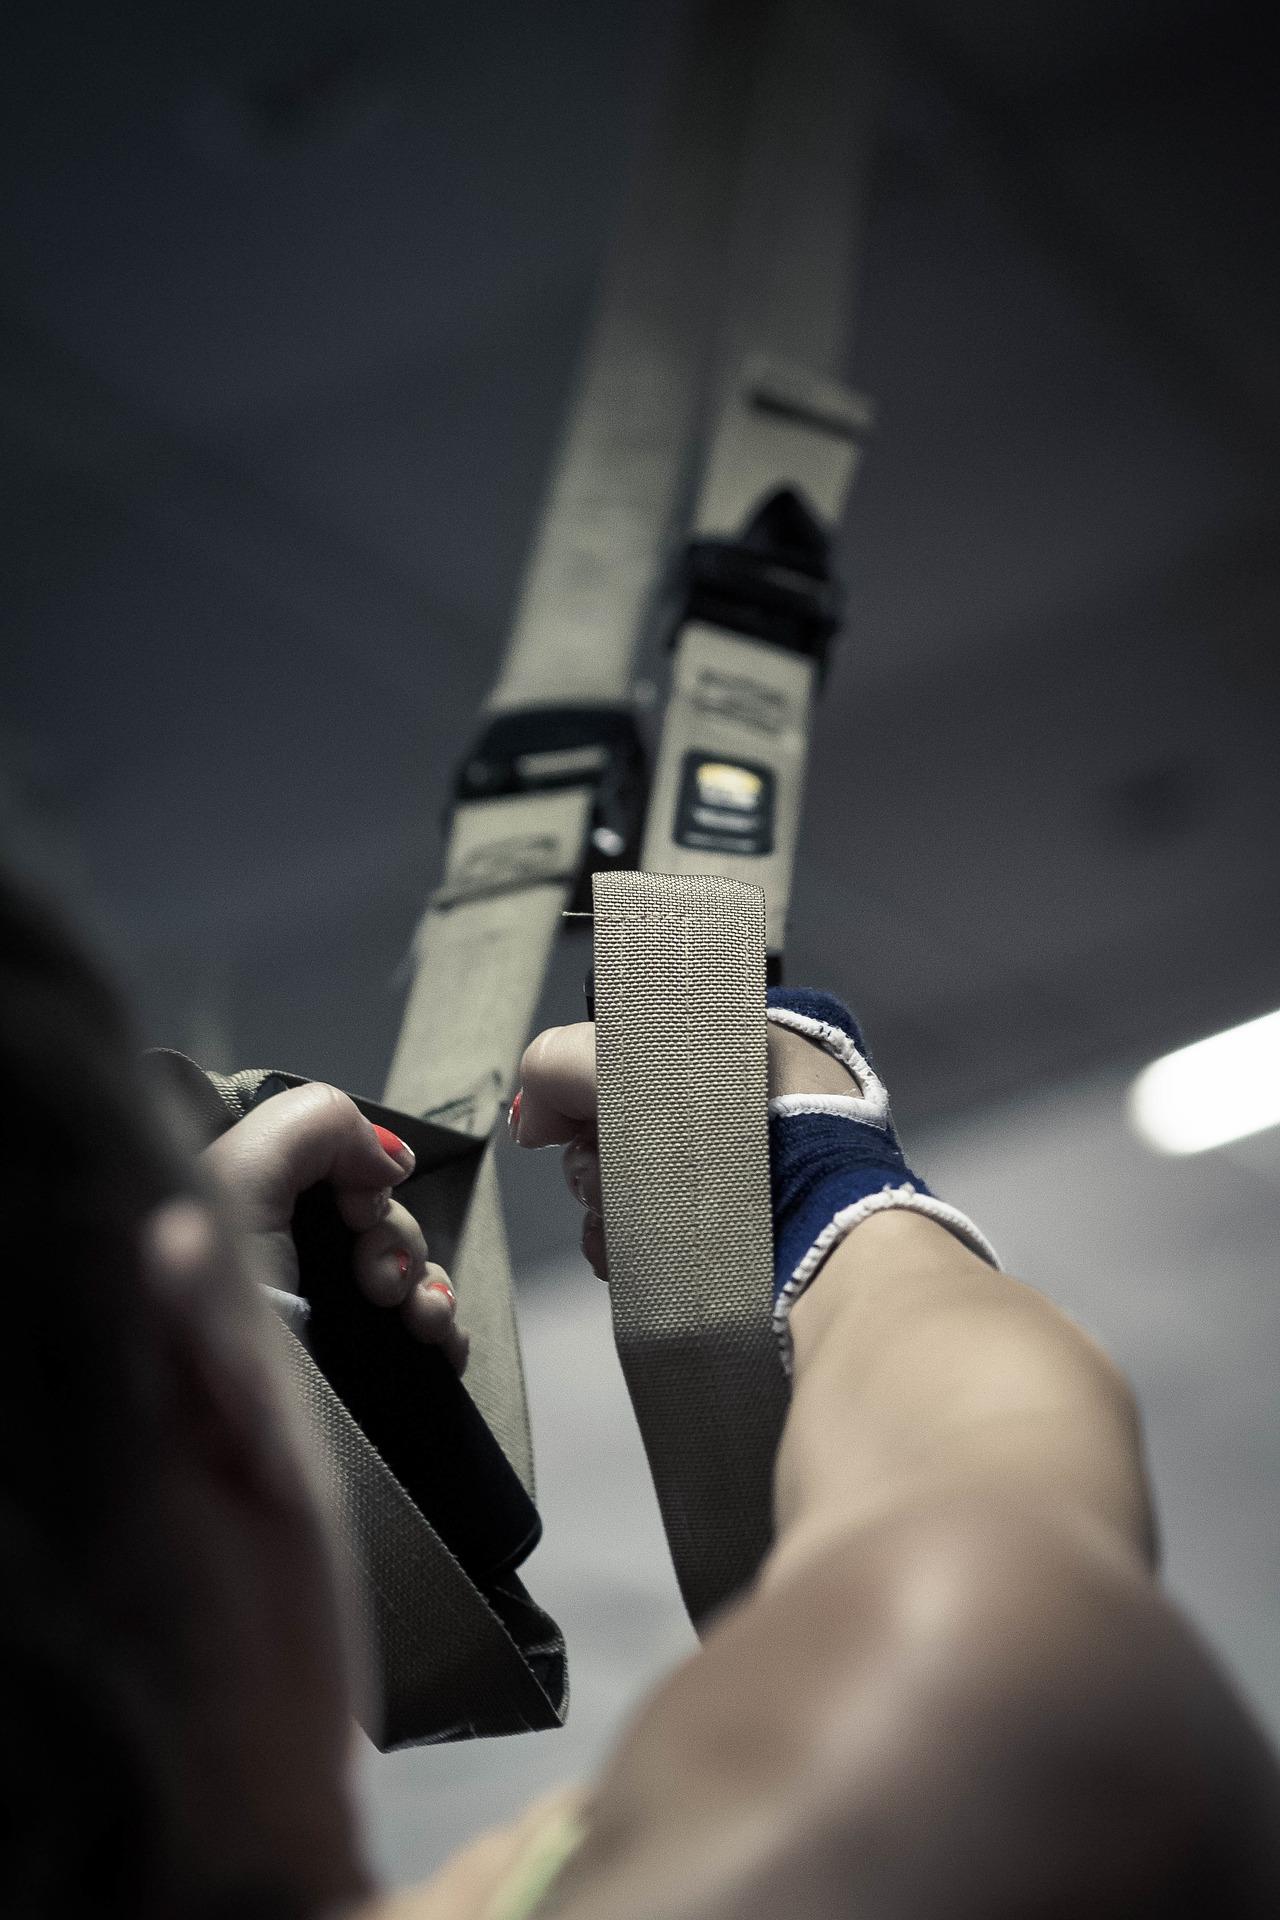 Schlingentrainer fuer besondere Trainingseinheiten